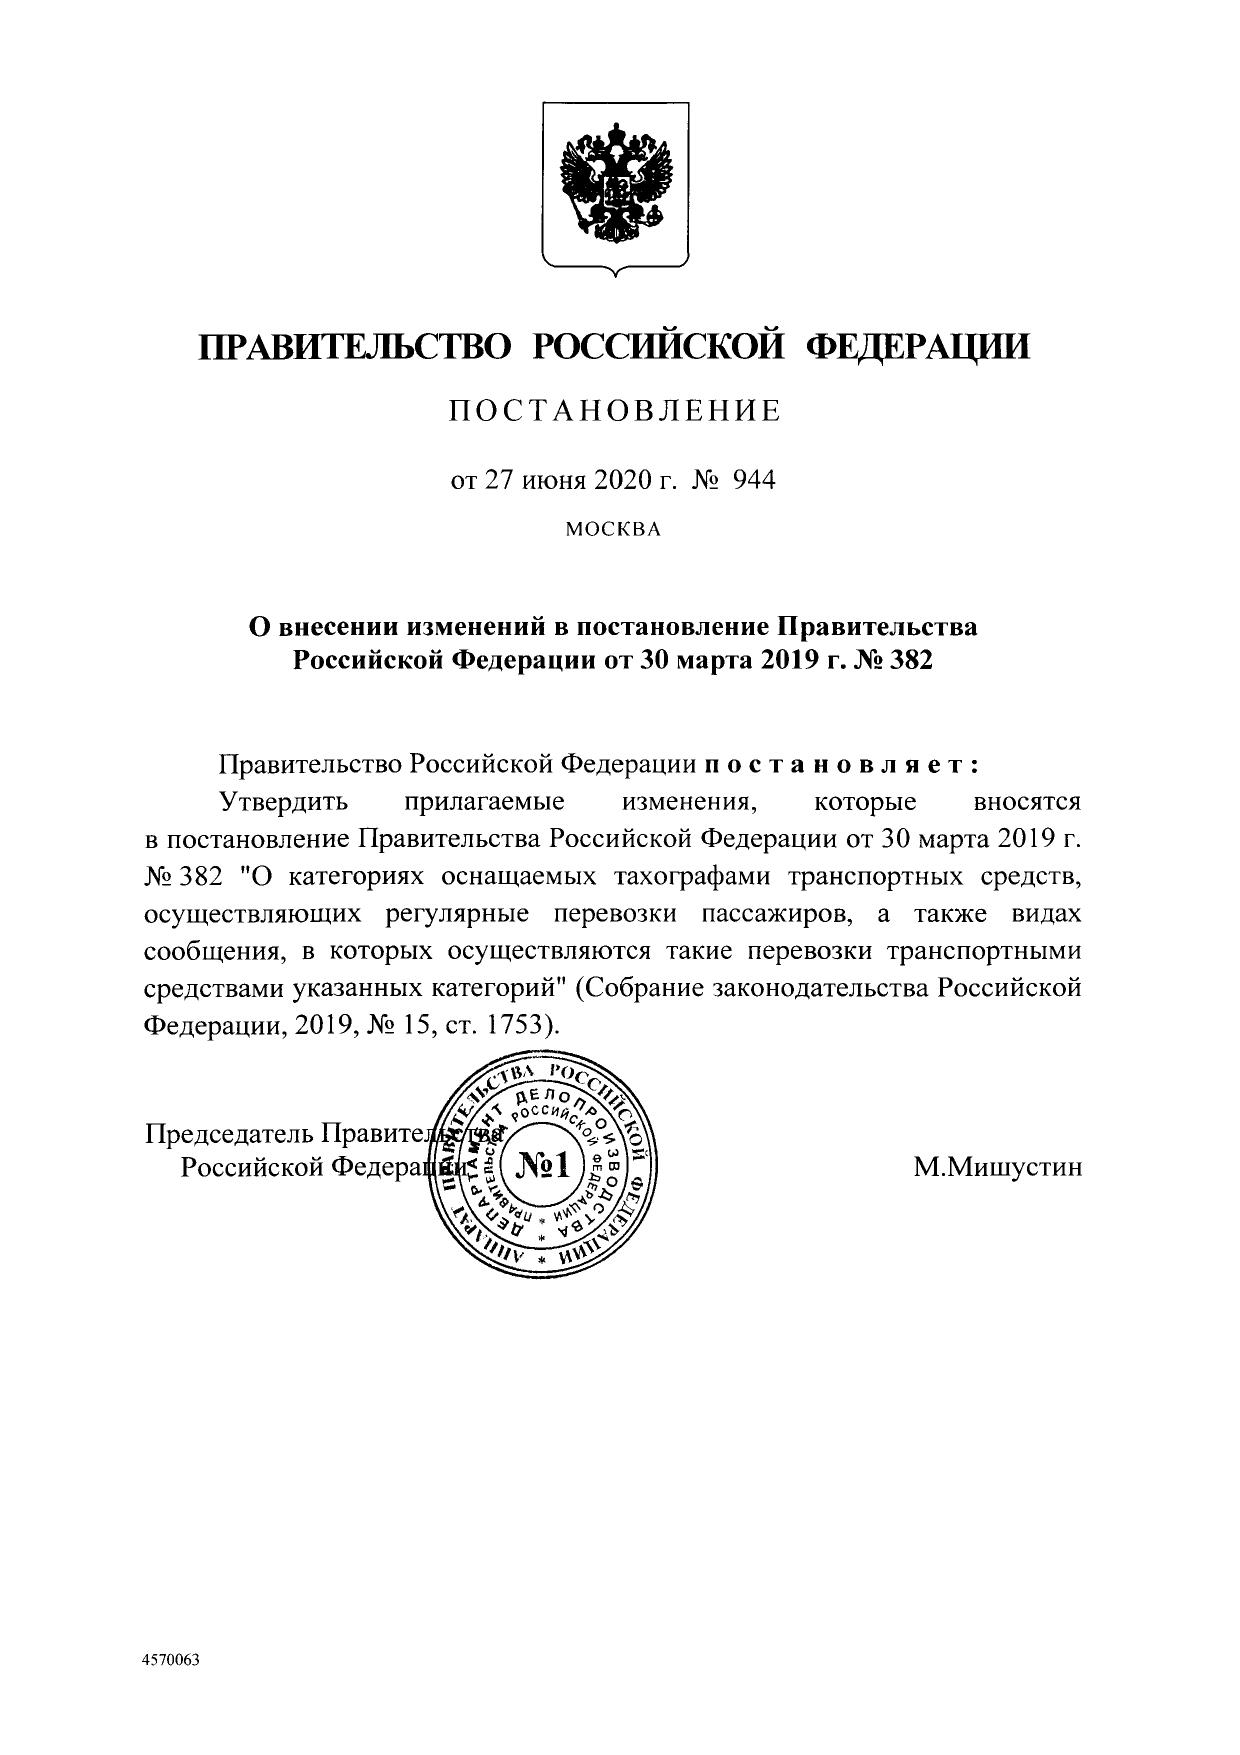 Правительство РФ до 2021 года отсрочило требование по обязательному оснащению тахографами (предназначены для регистрации скорости, режима труда, отдыха водителей и членов экипажа) автобусов, осуществляющих регулярные перевозки пассажиров в городском, пригородном и междугородном сообщении